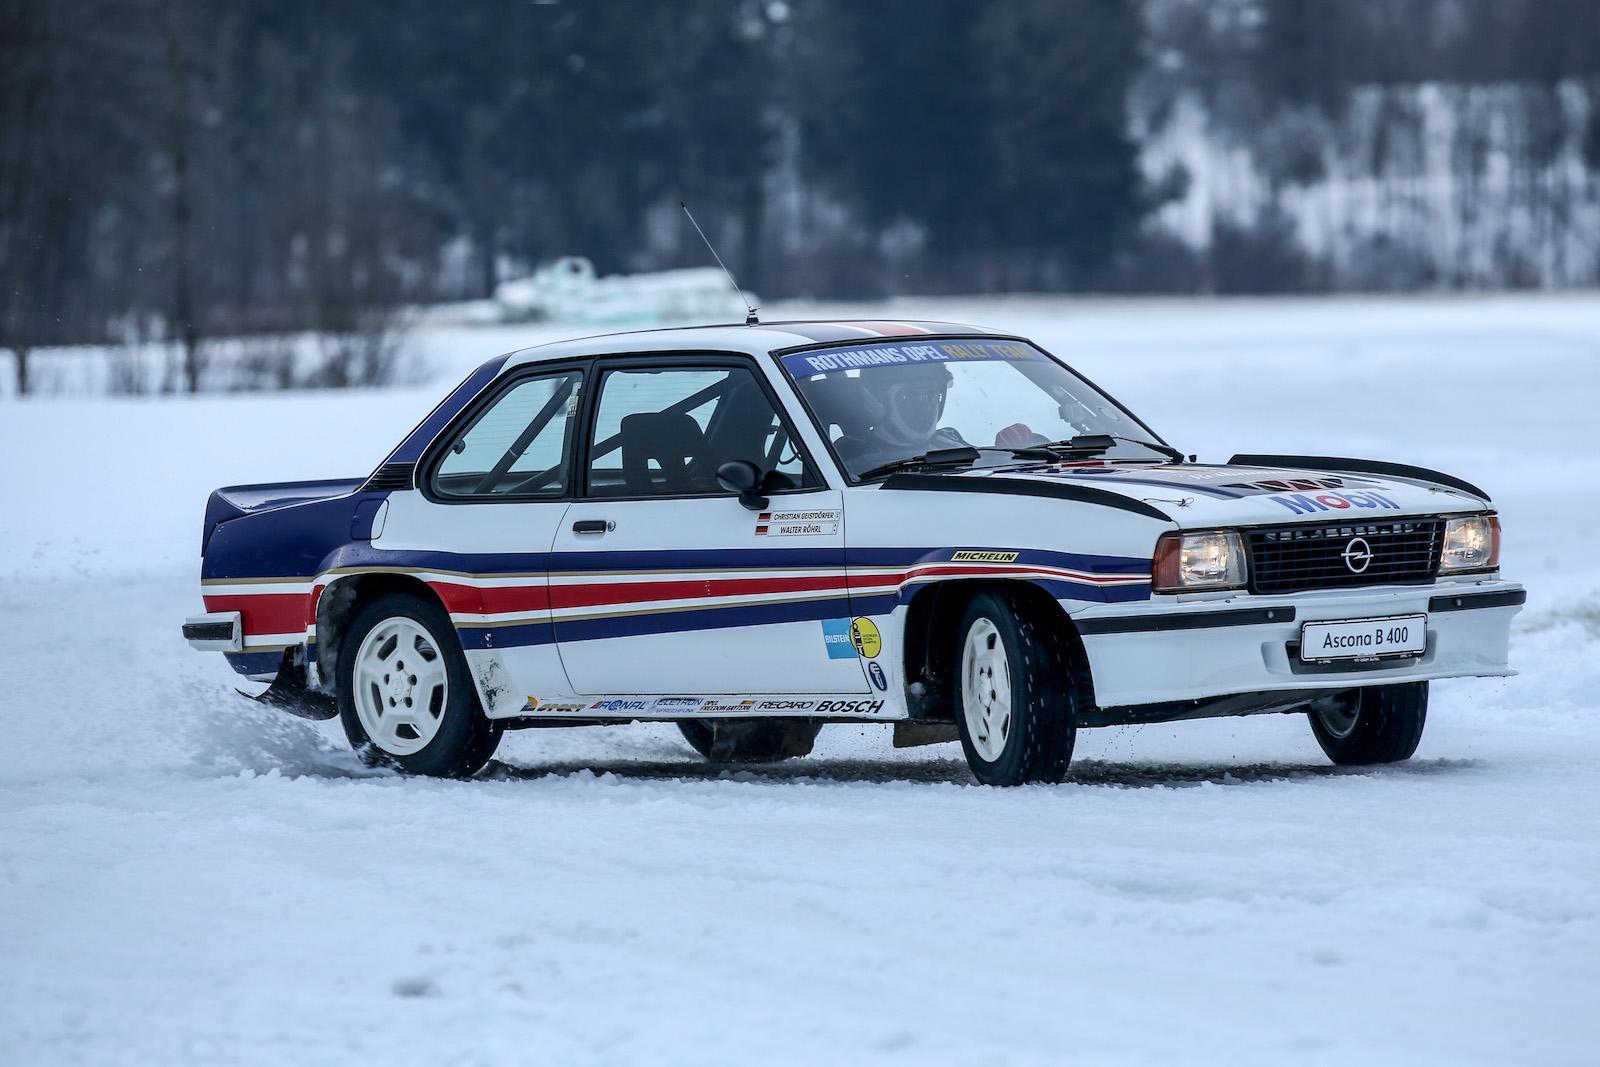 Driving Walter Röhrl's Opel Ascona 400 rally car